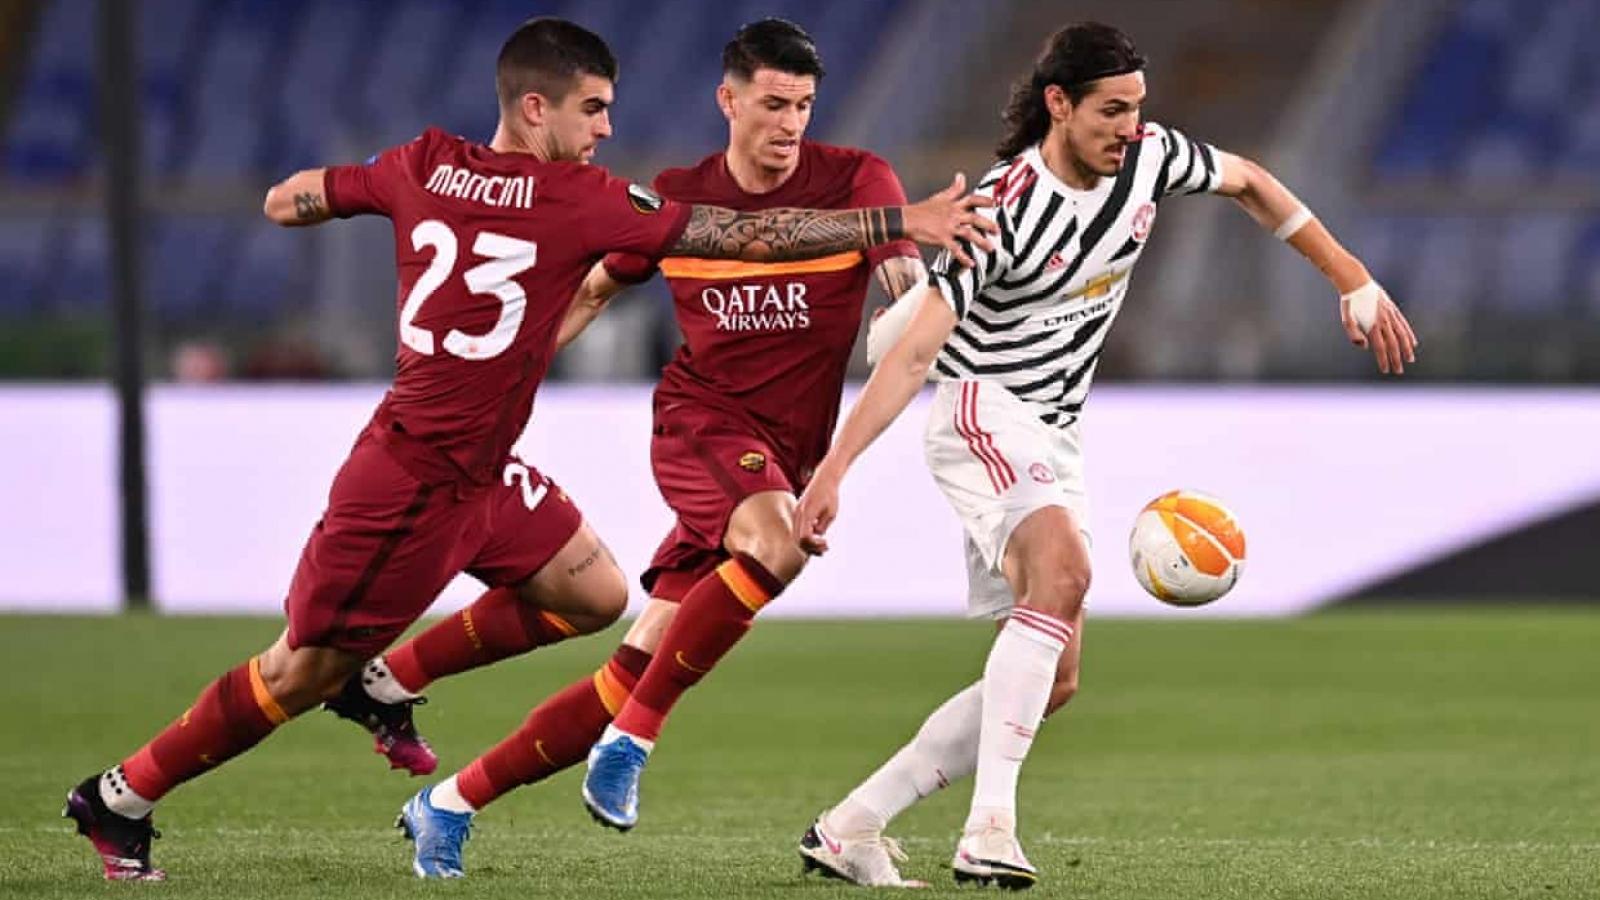 TRỰC TIẾP AS Roma 0-0 MU: Mkhitaryan suýt ghi bàn vào lưới đội bóng cũ